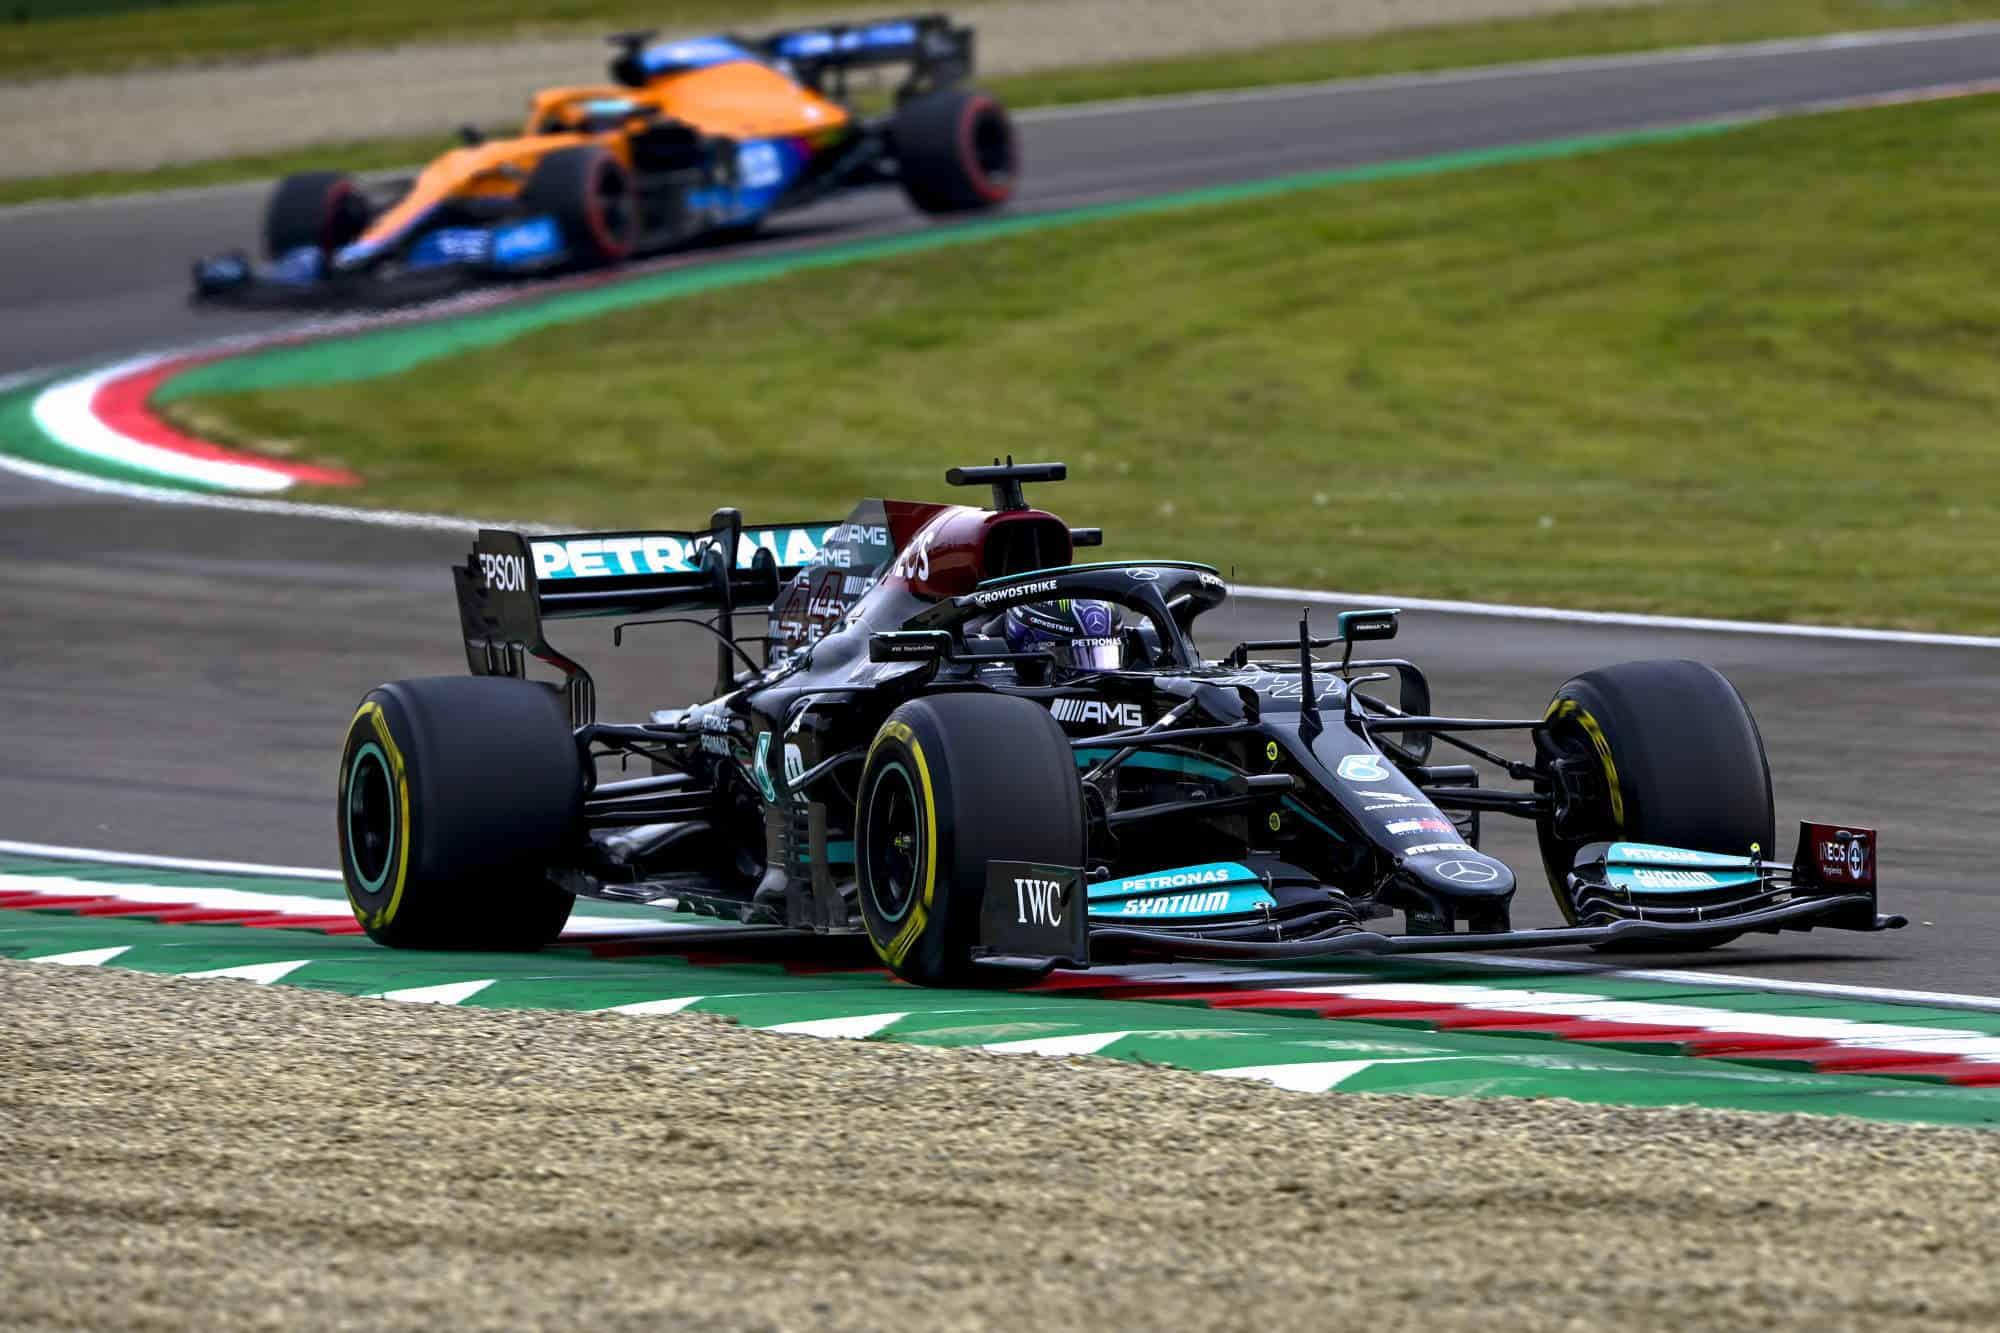 2021 Emilia Romagna GP Hamilton leads Ricciardo Photo Daimler